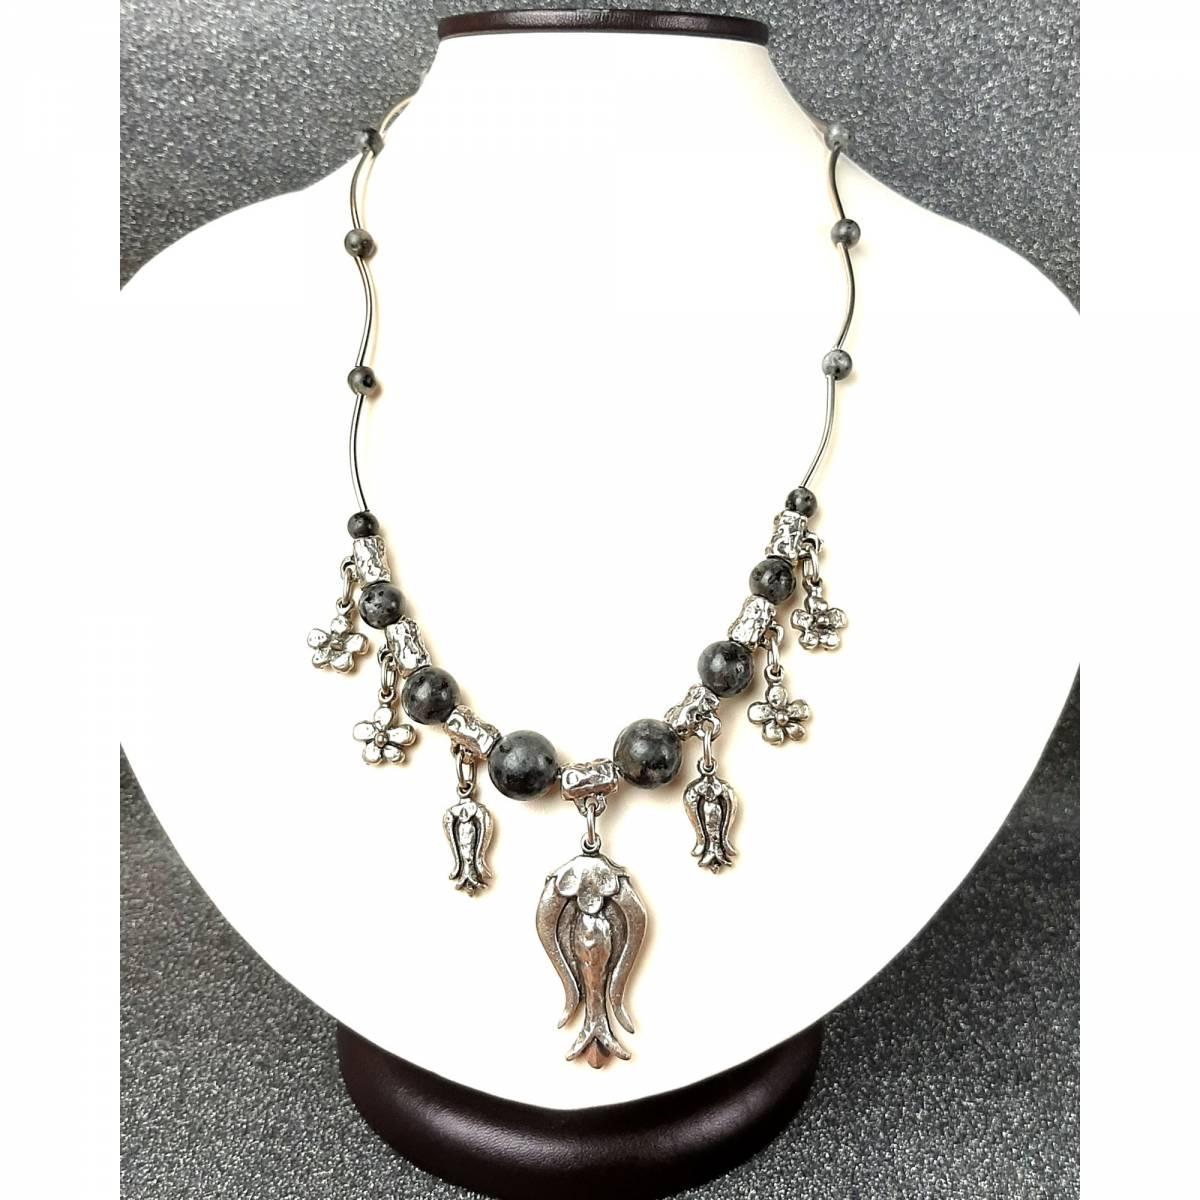 Купить ожерелье из натурального камня лабрадор, цена Киев Украина. Украшения из натуральных камней лабрадор в интернет магазине украшений Darsana